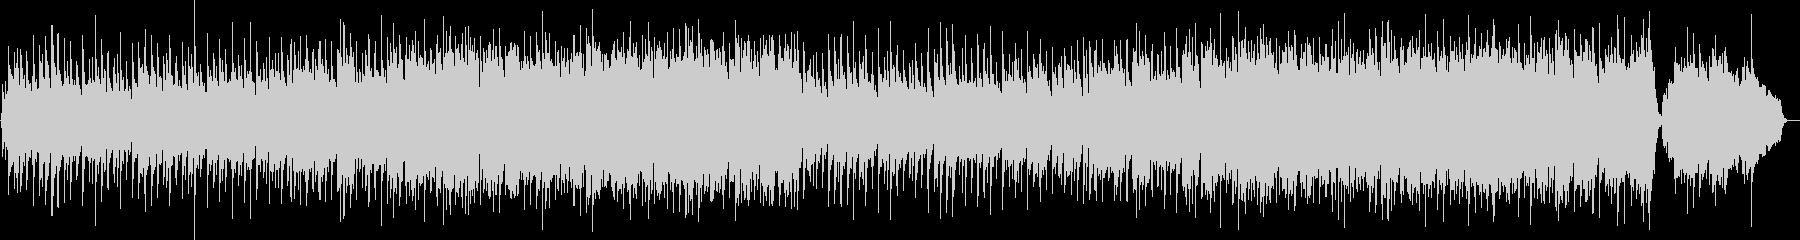 琴と尺八と鼓による和風ポップバラードの未再生の波形